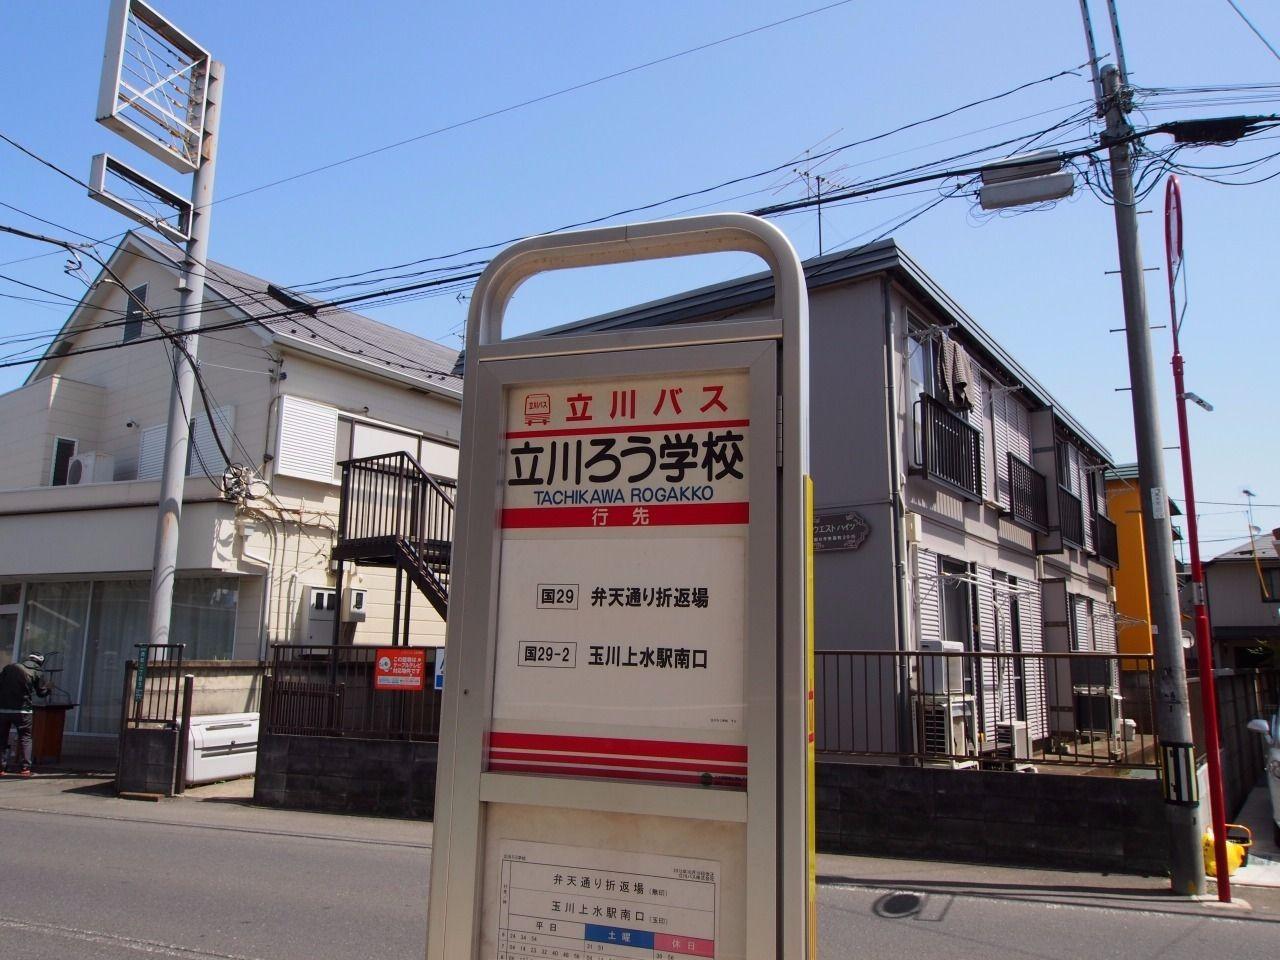 国立駅行きのバス路線を利用可能(徒歩1分)